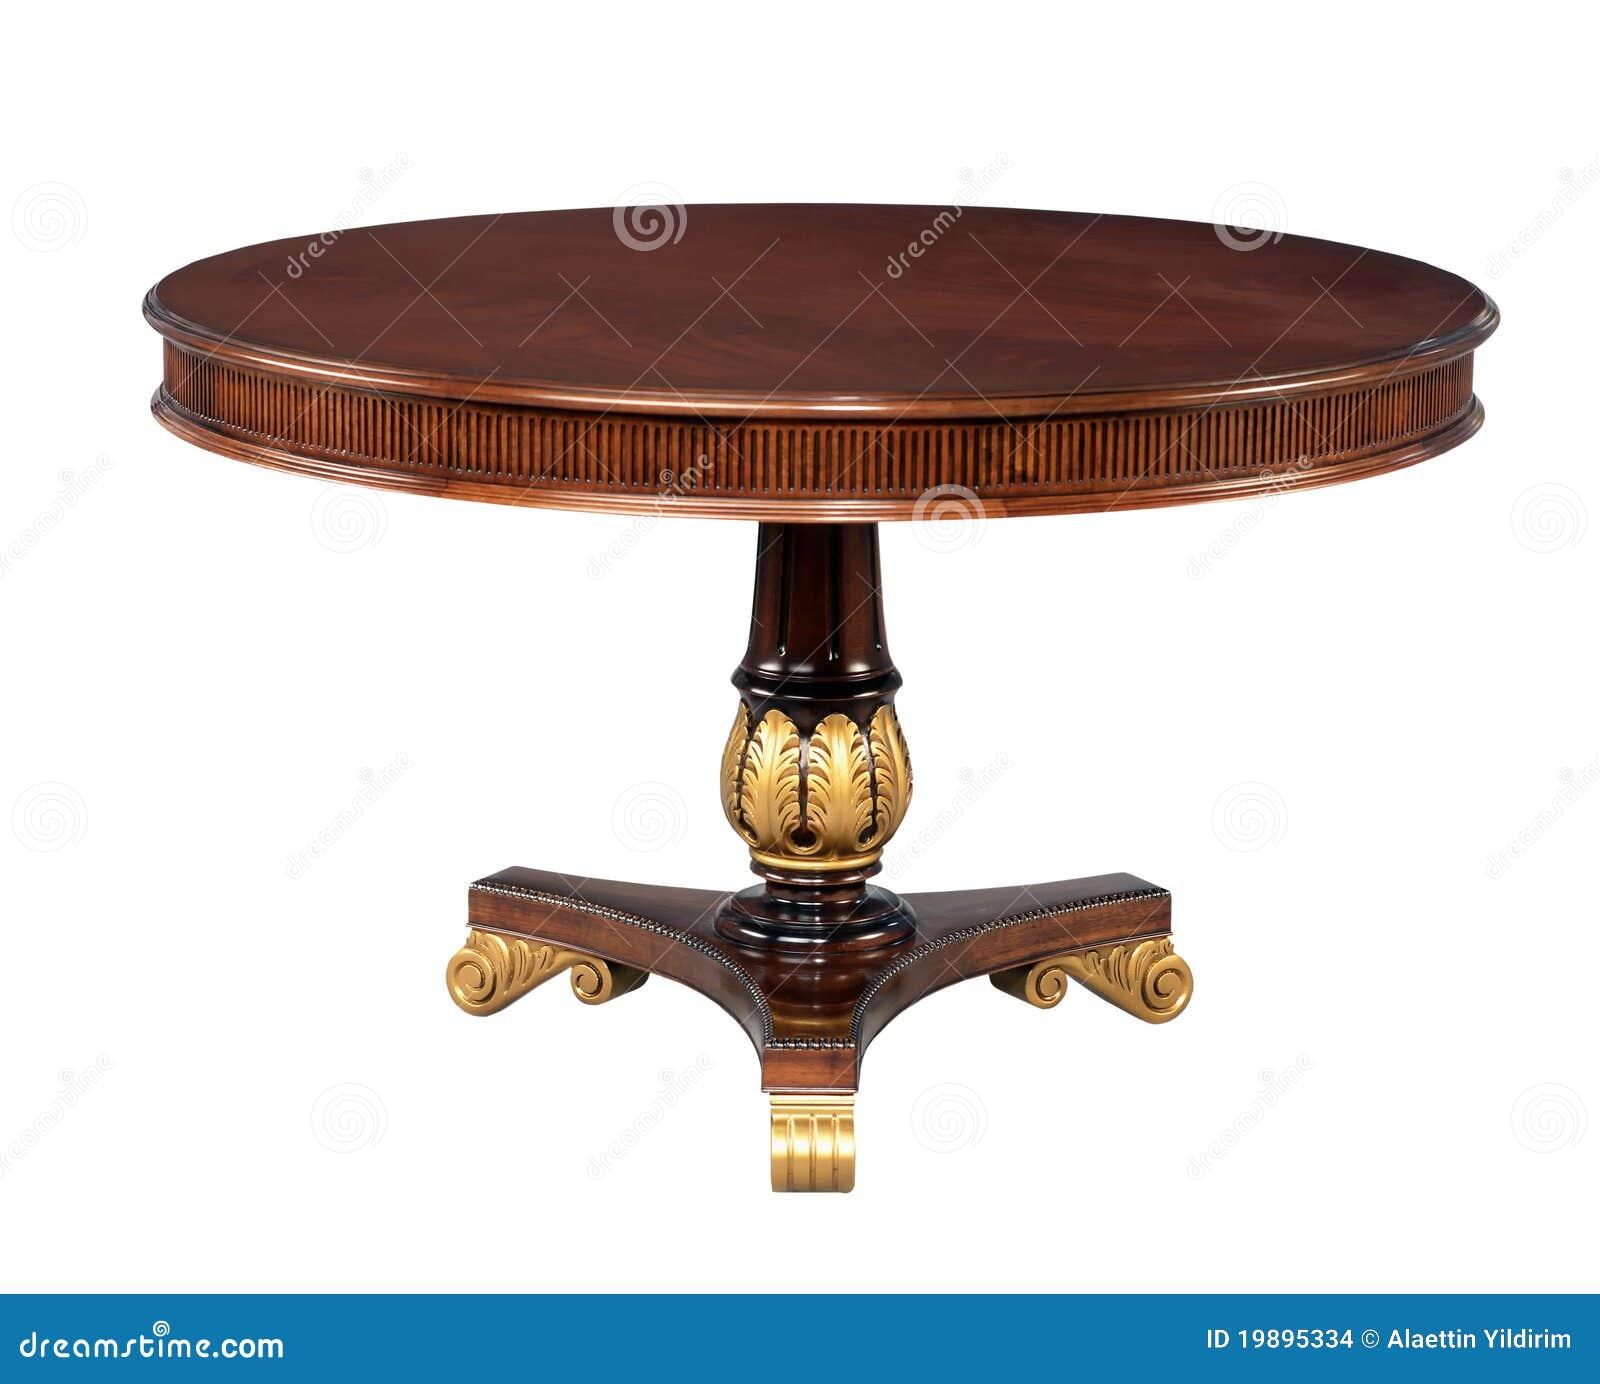 Mesas De Recibidor Antiguas. Simple Beautiful Com Recibidor Muebles ...